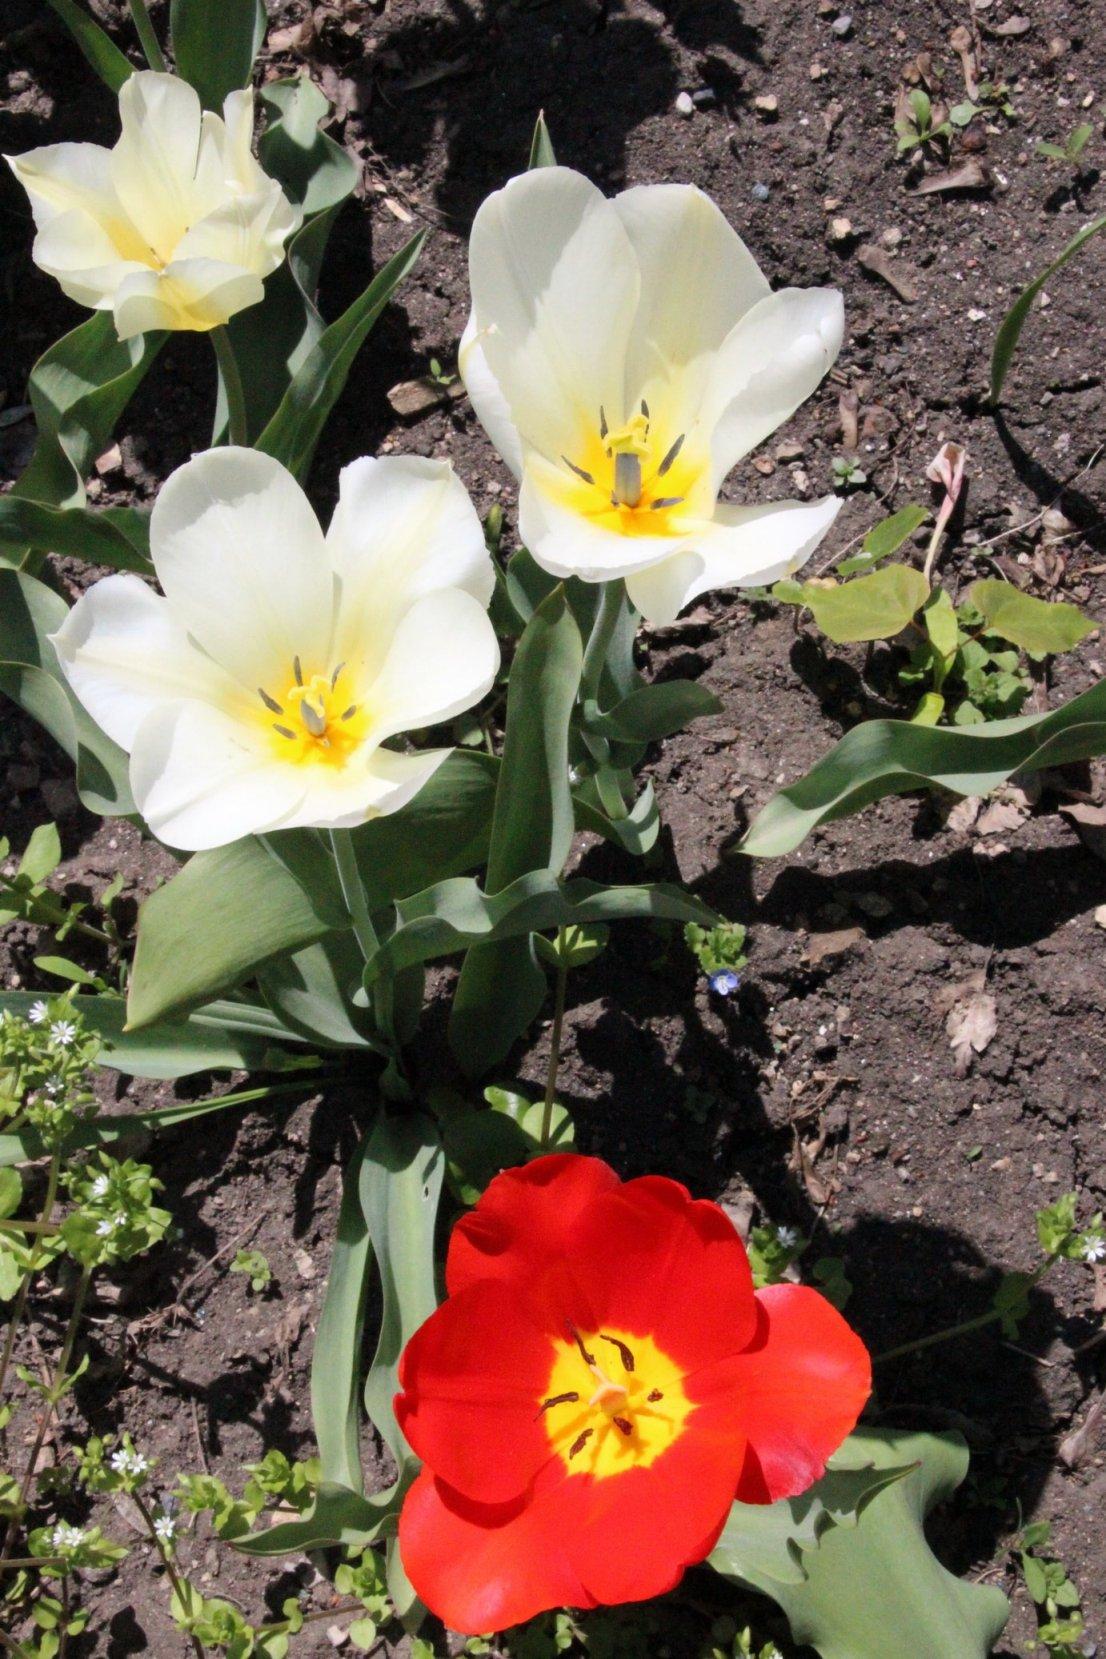 Весной в дендрарии цветут тюльпаны